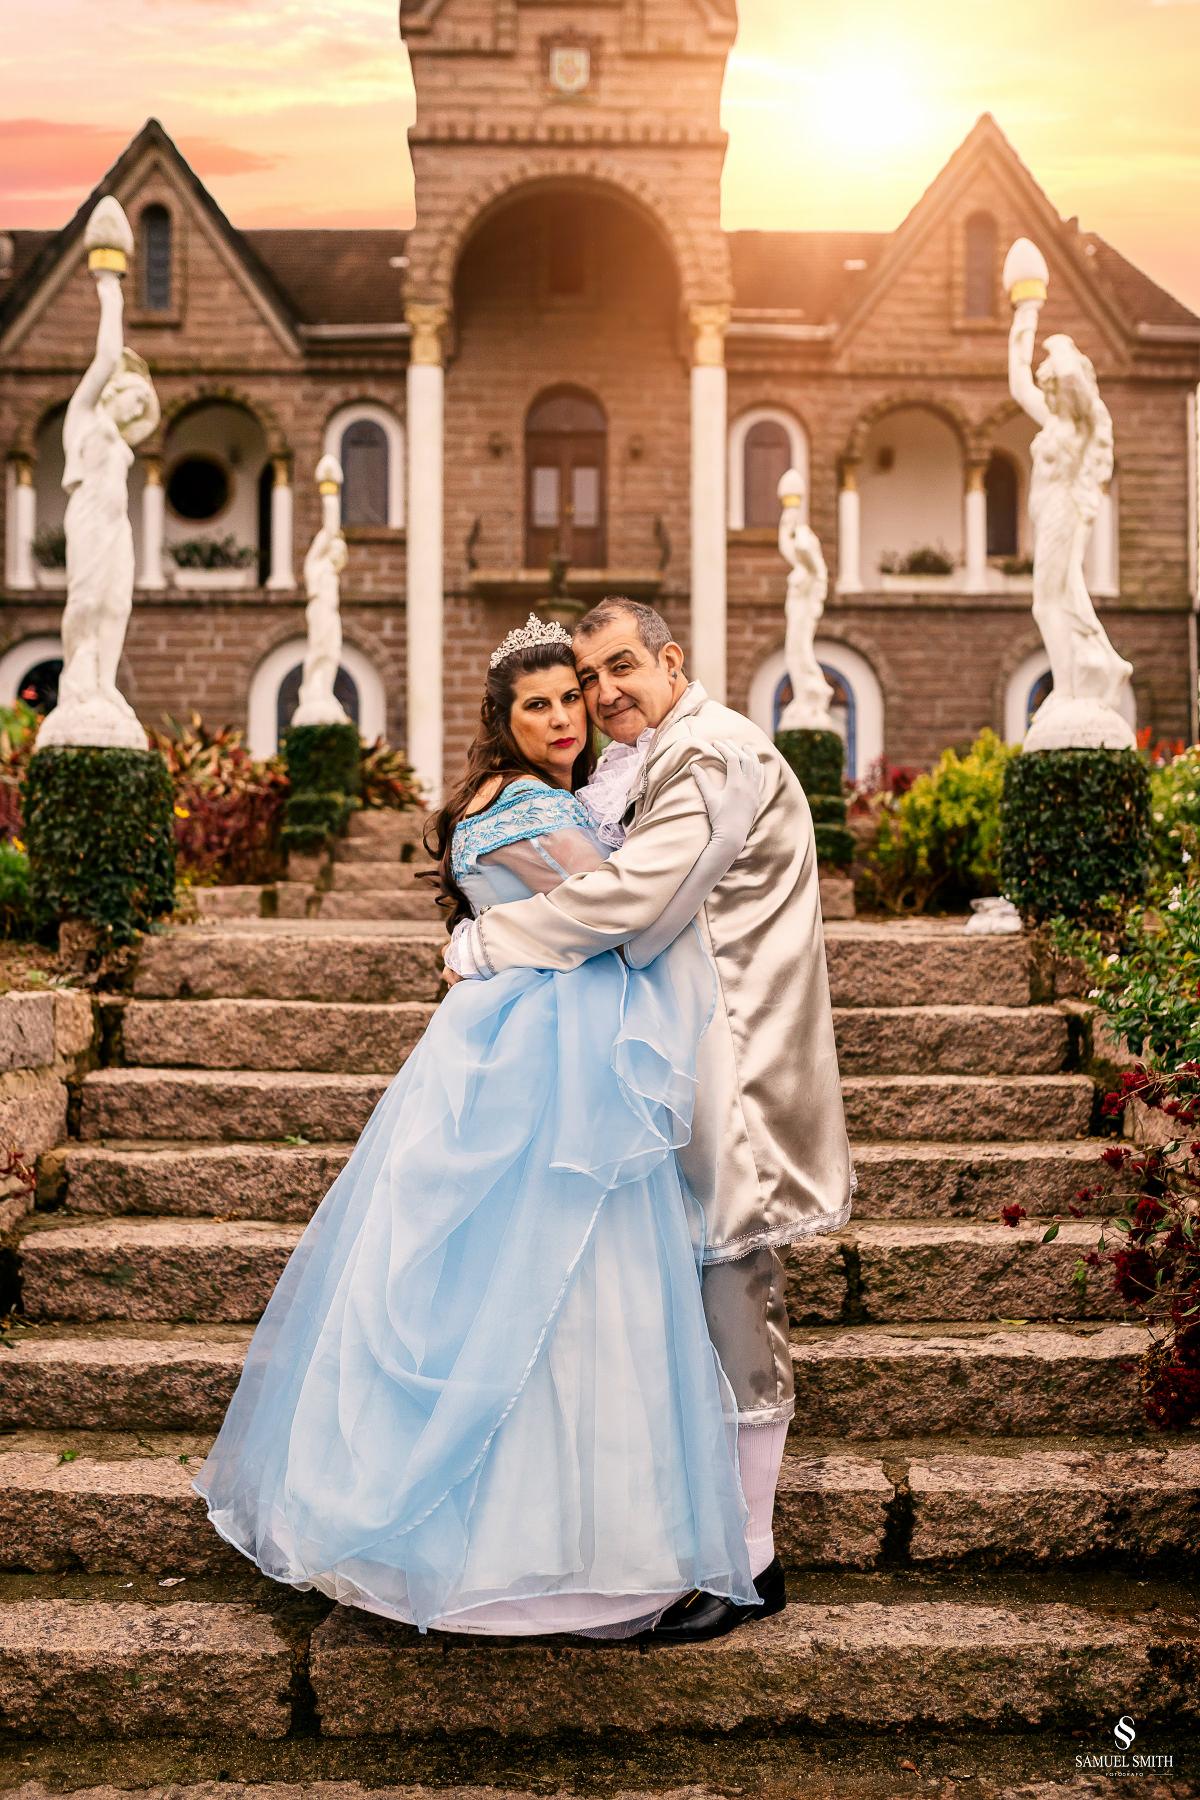 book familia fotos casal ensaio fotográfico castelo belvedere fantasia tema veneza baile (25)